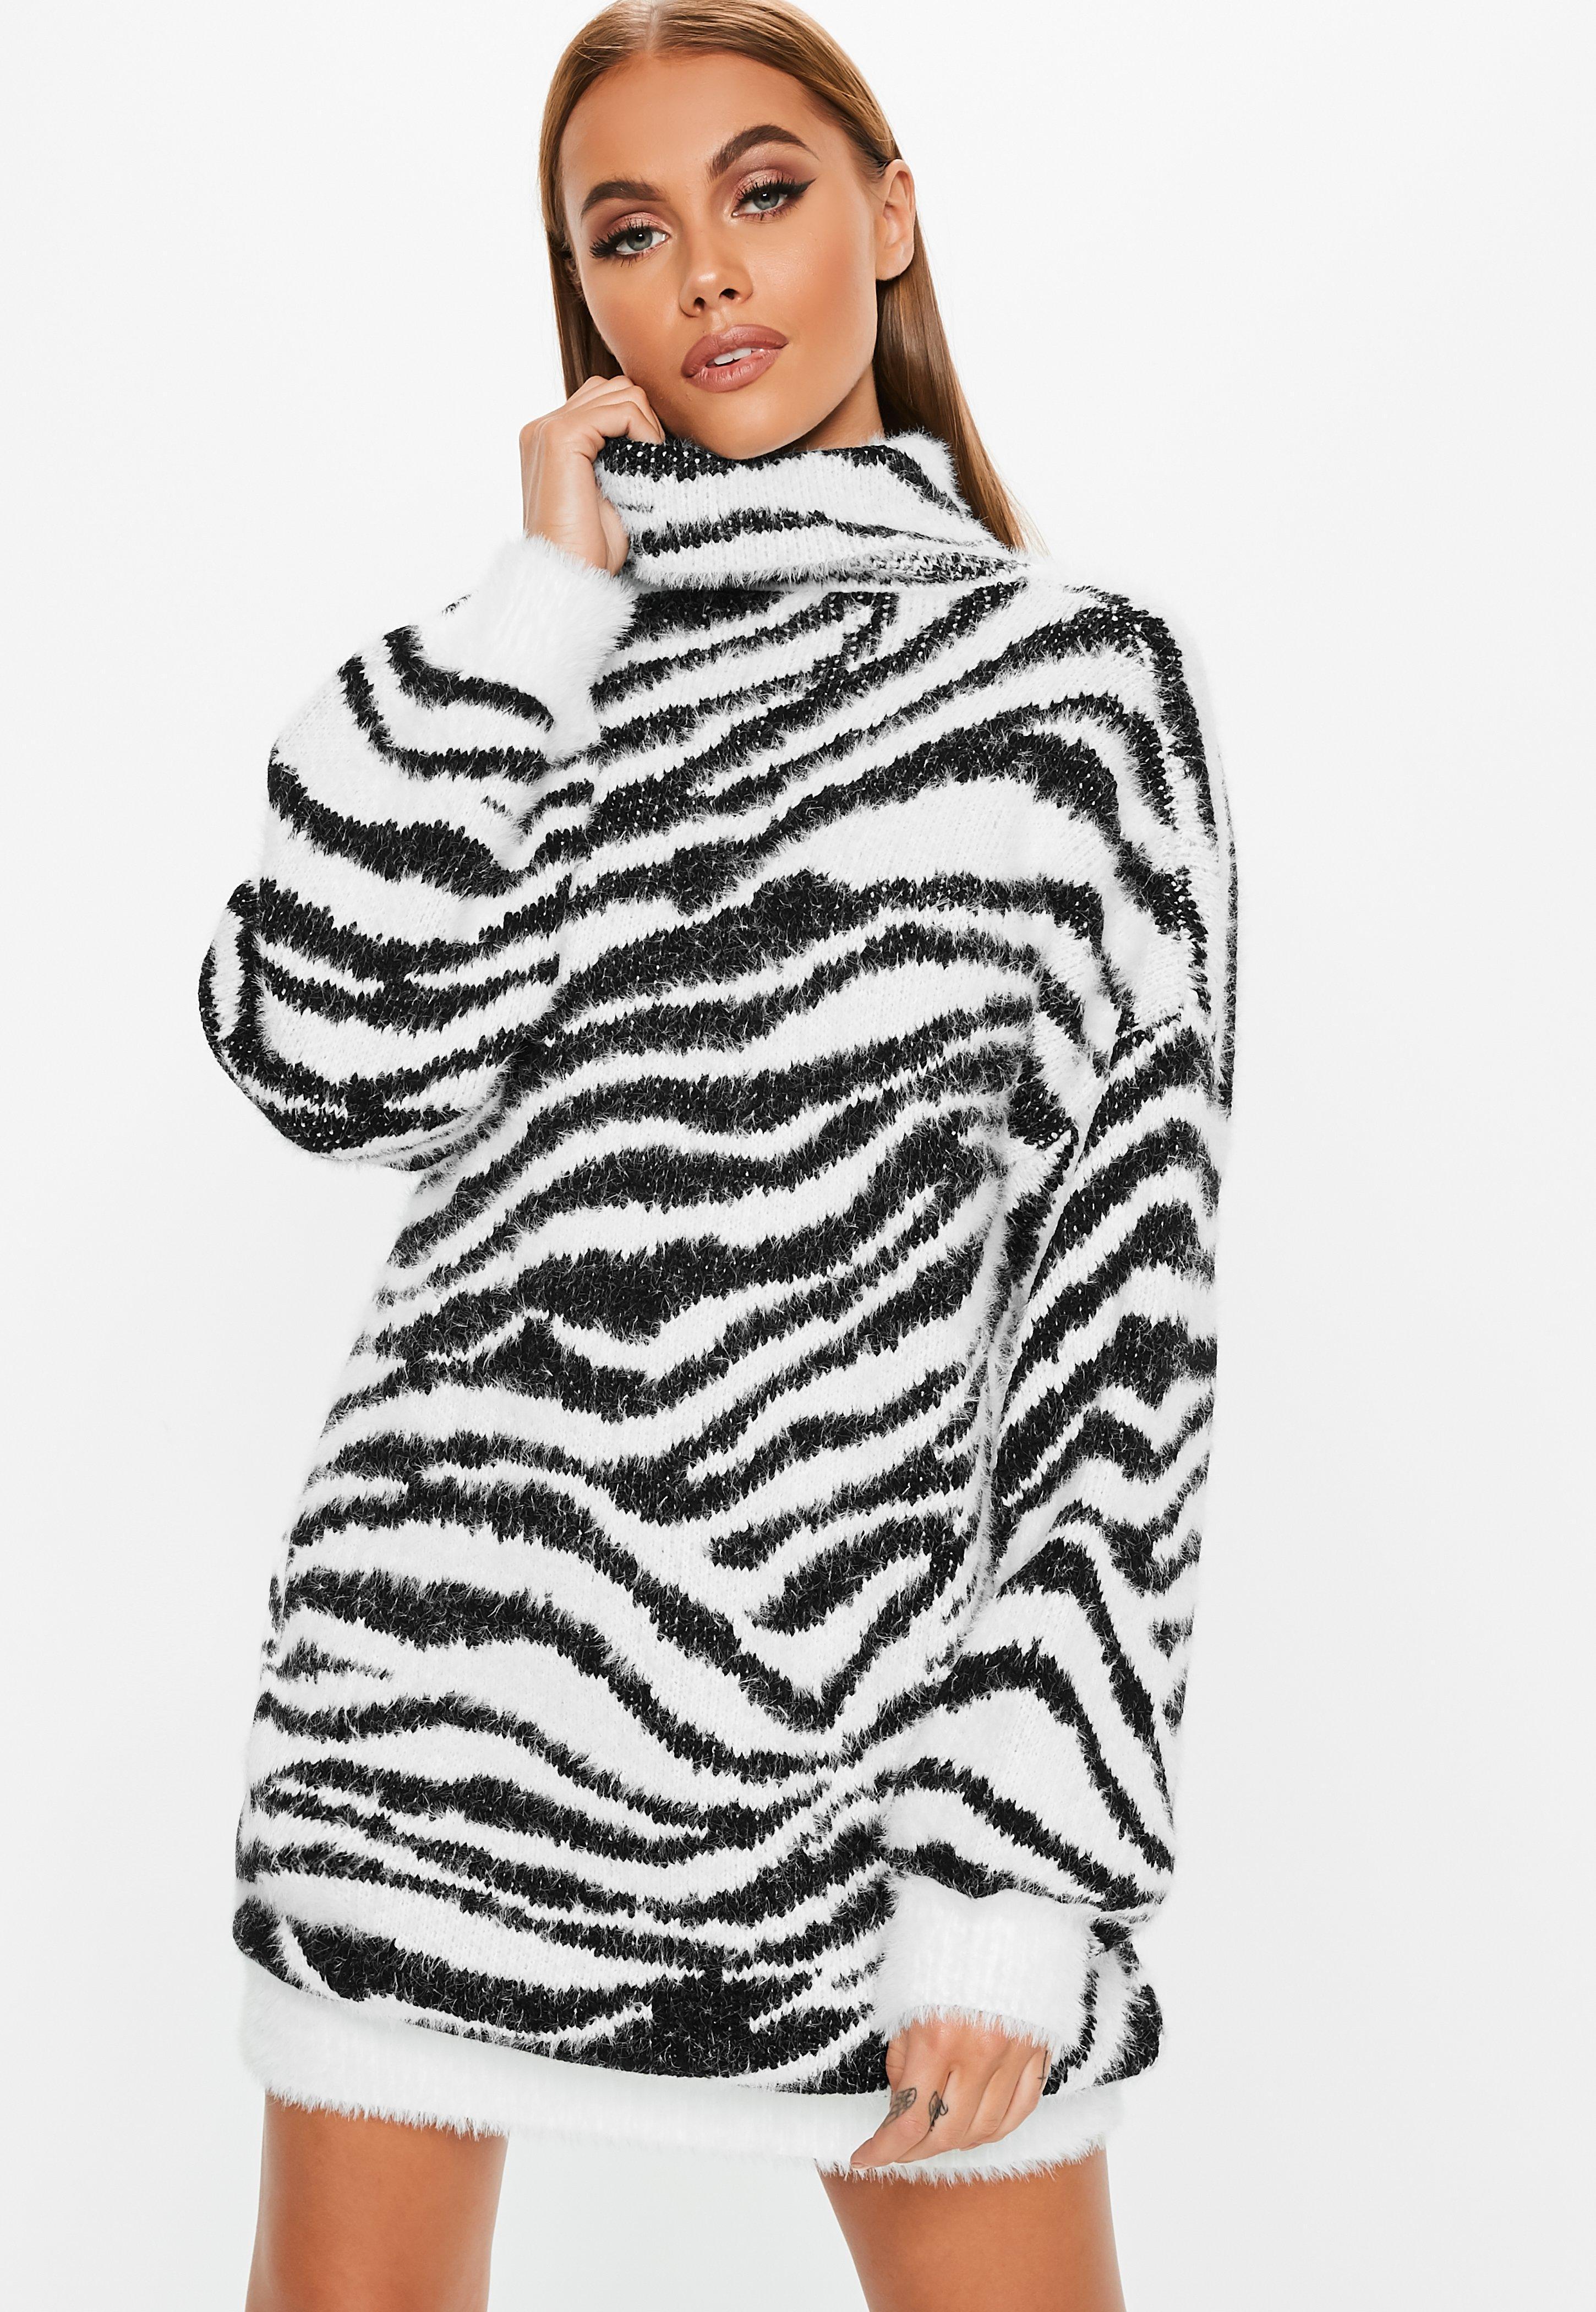 04a838e46da Lyst - Missguided Jumper Dress With Roll Neck In Zebra in White ...